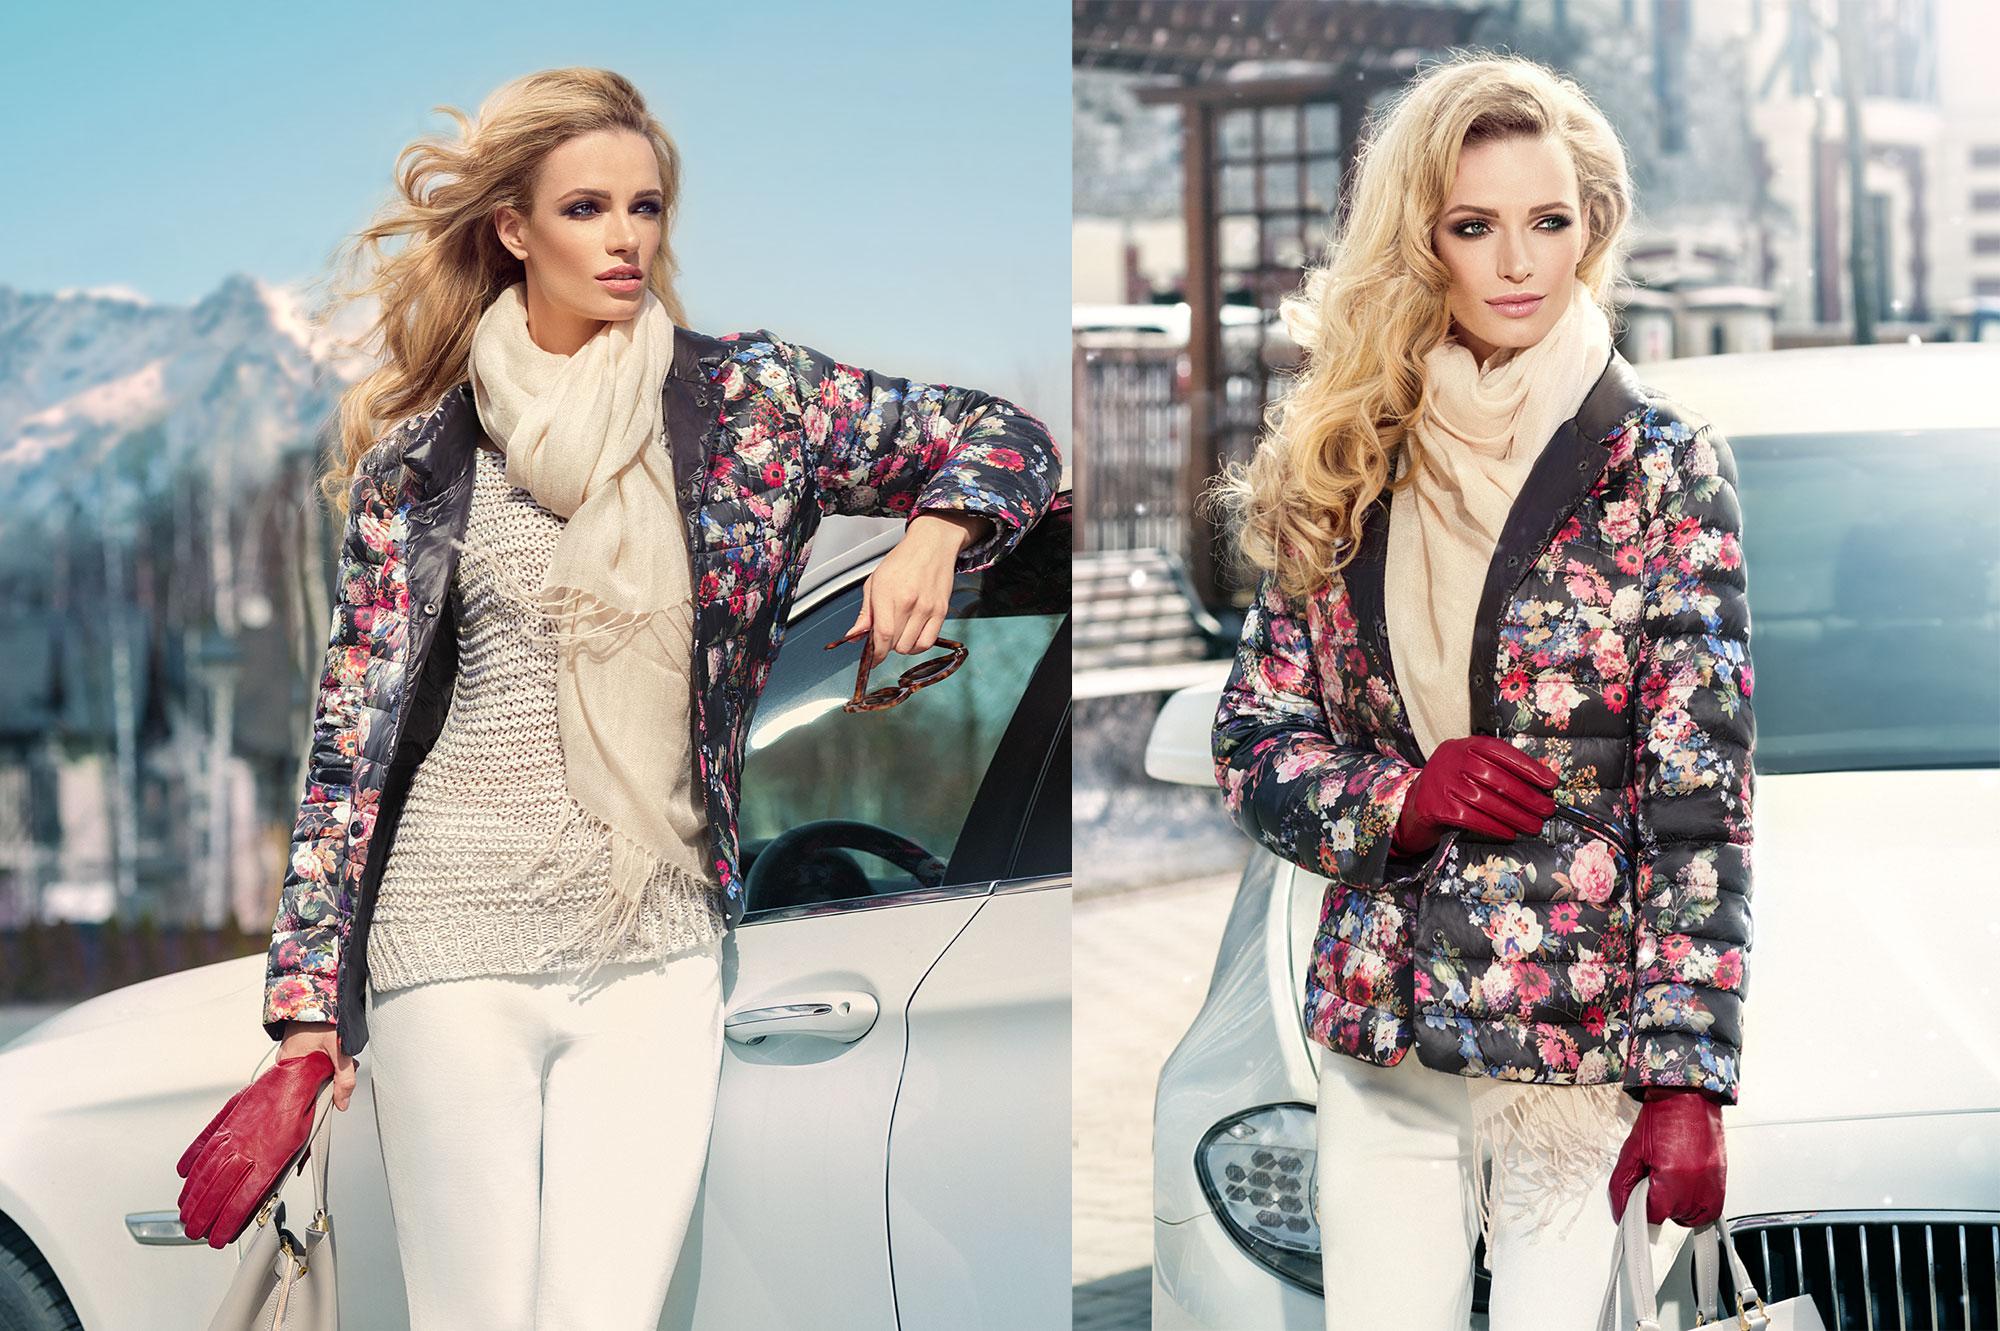 Сбор заказов. Финские куртки и пуховики d+i+x+i+c+o+a+t-11. Отличное качество и посадка за хорошую цену. Размеры до 60.